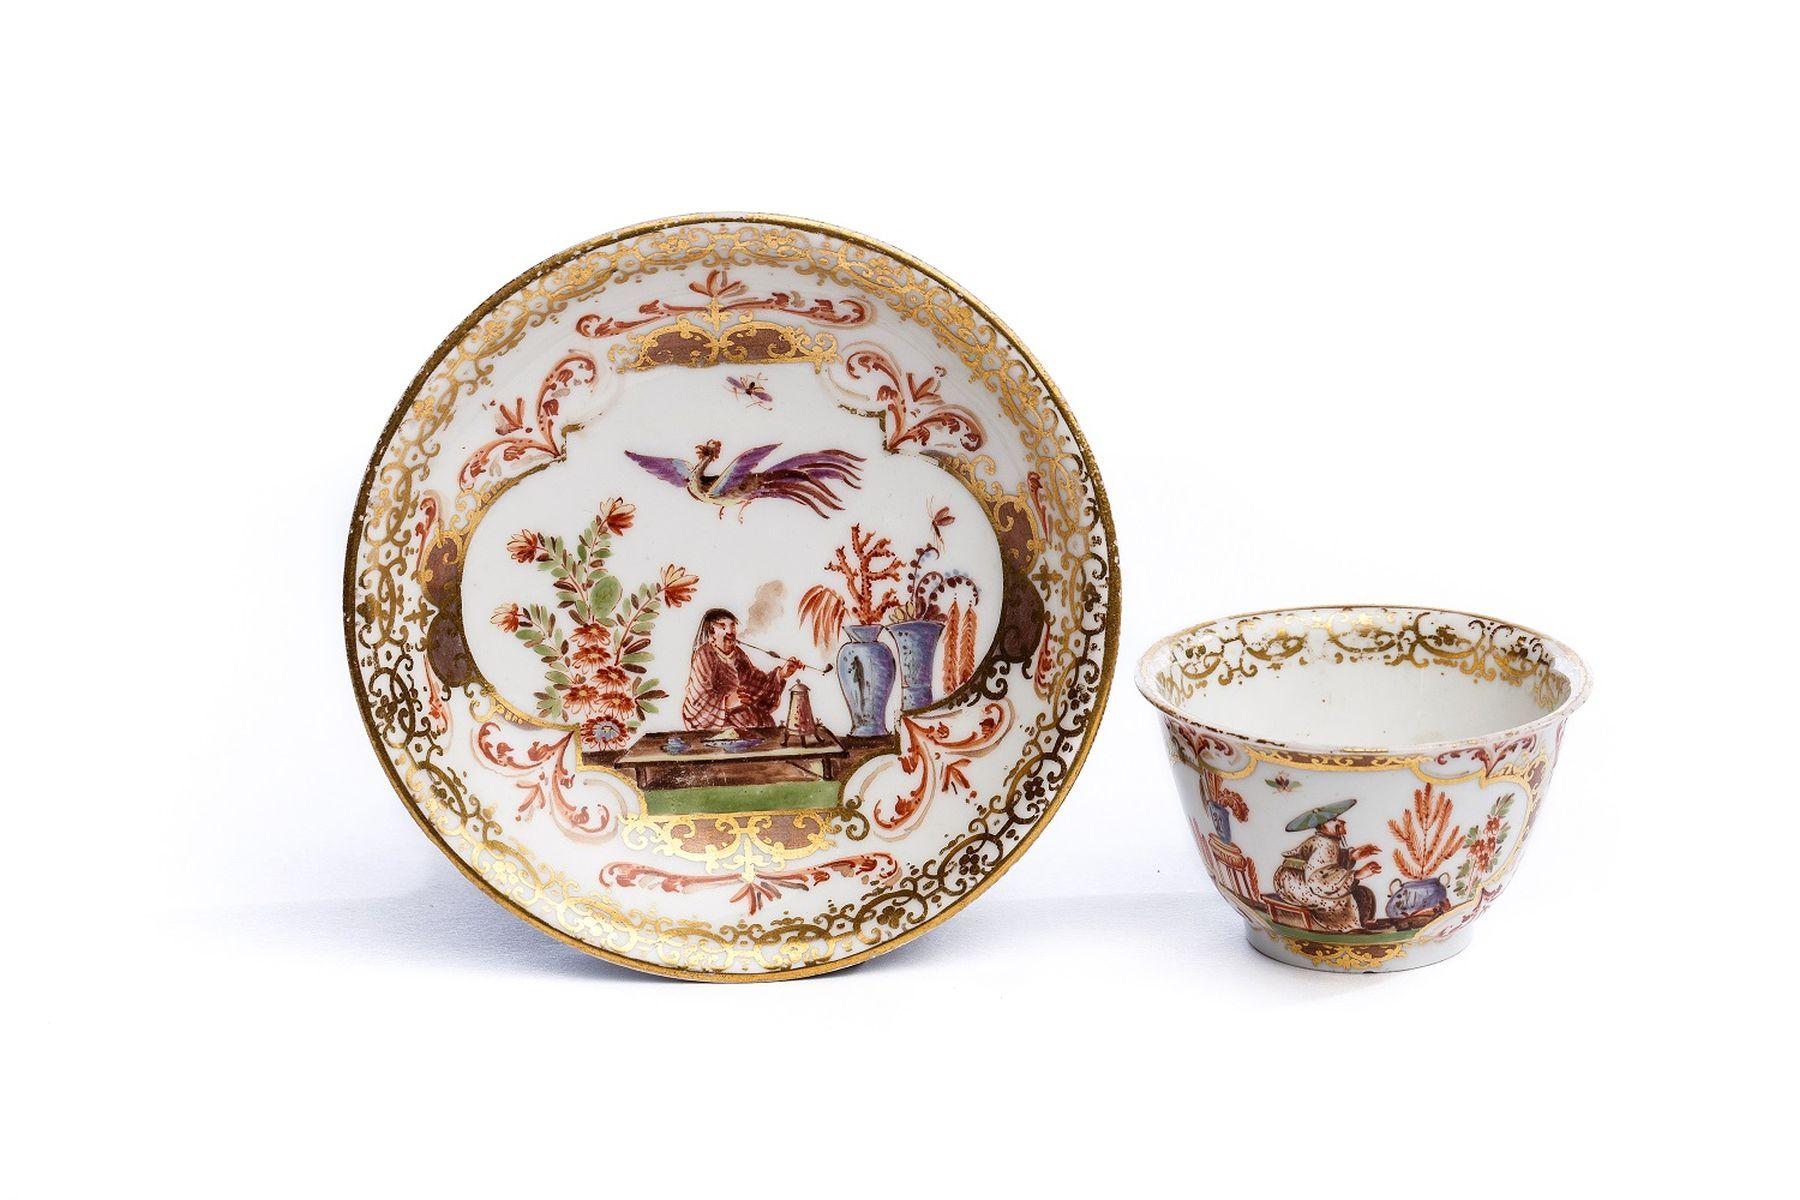 #24 Bowl with Saucer, Meissen 1730/35 | Koppchen mit Unterschale, Meissen 1730/35 Image